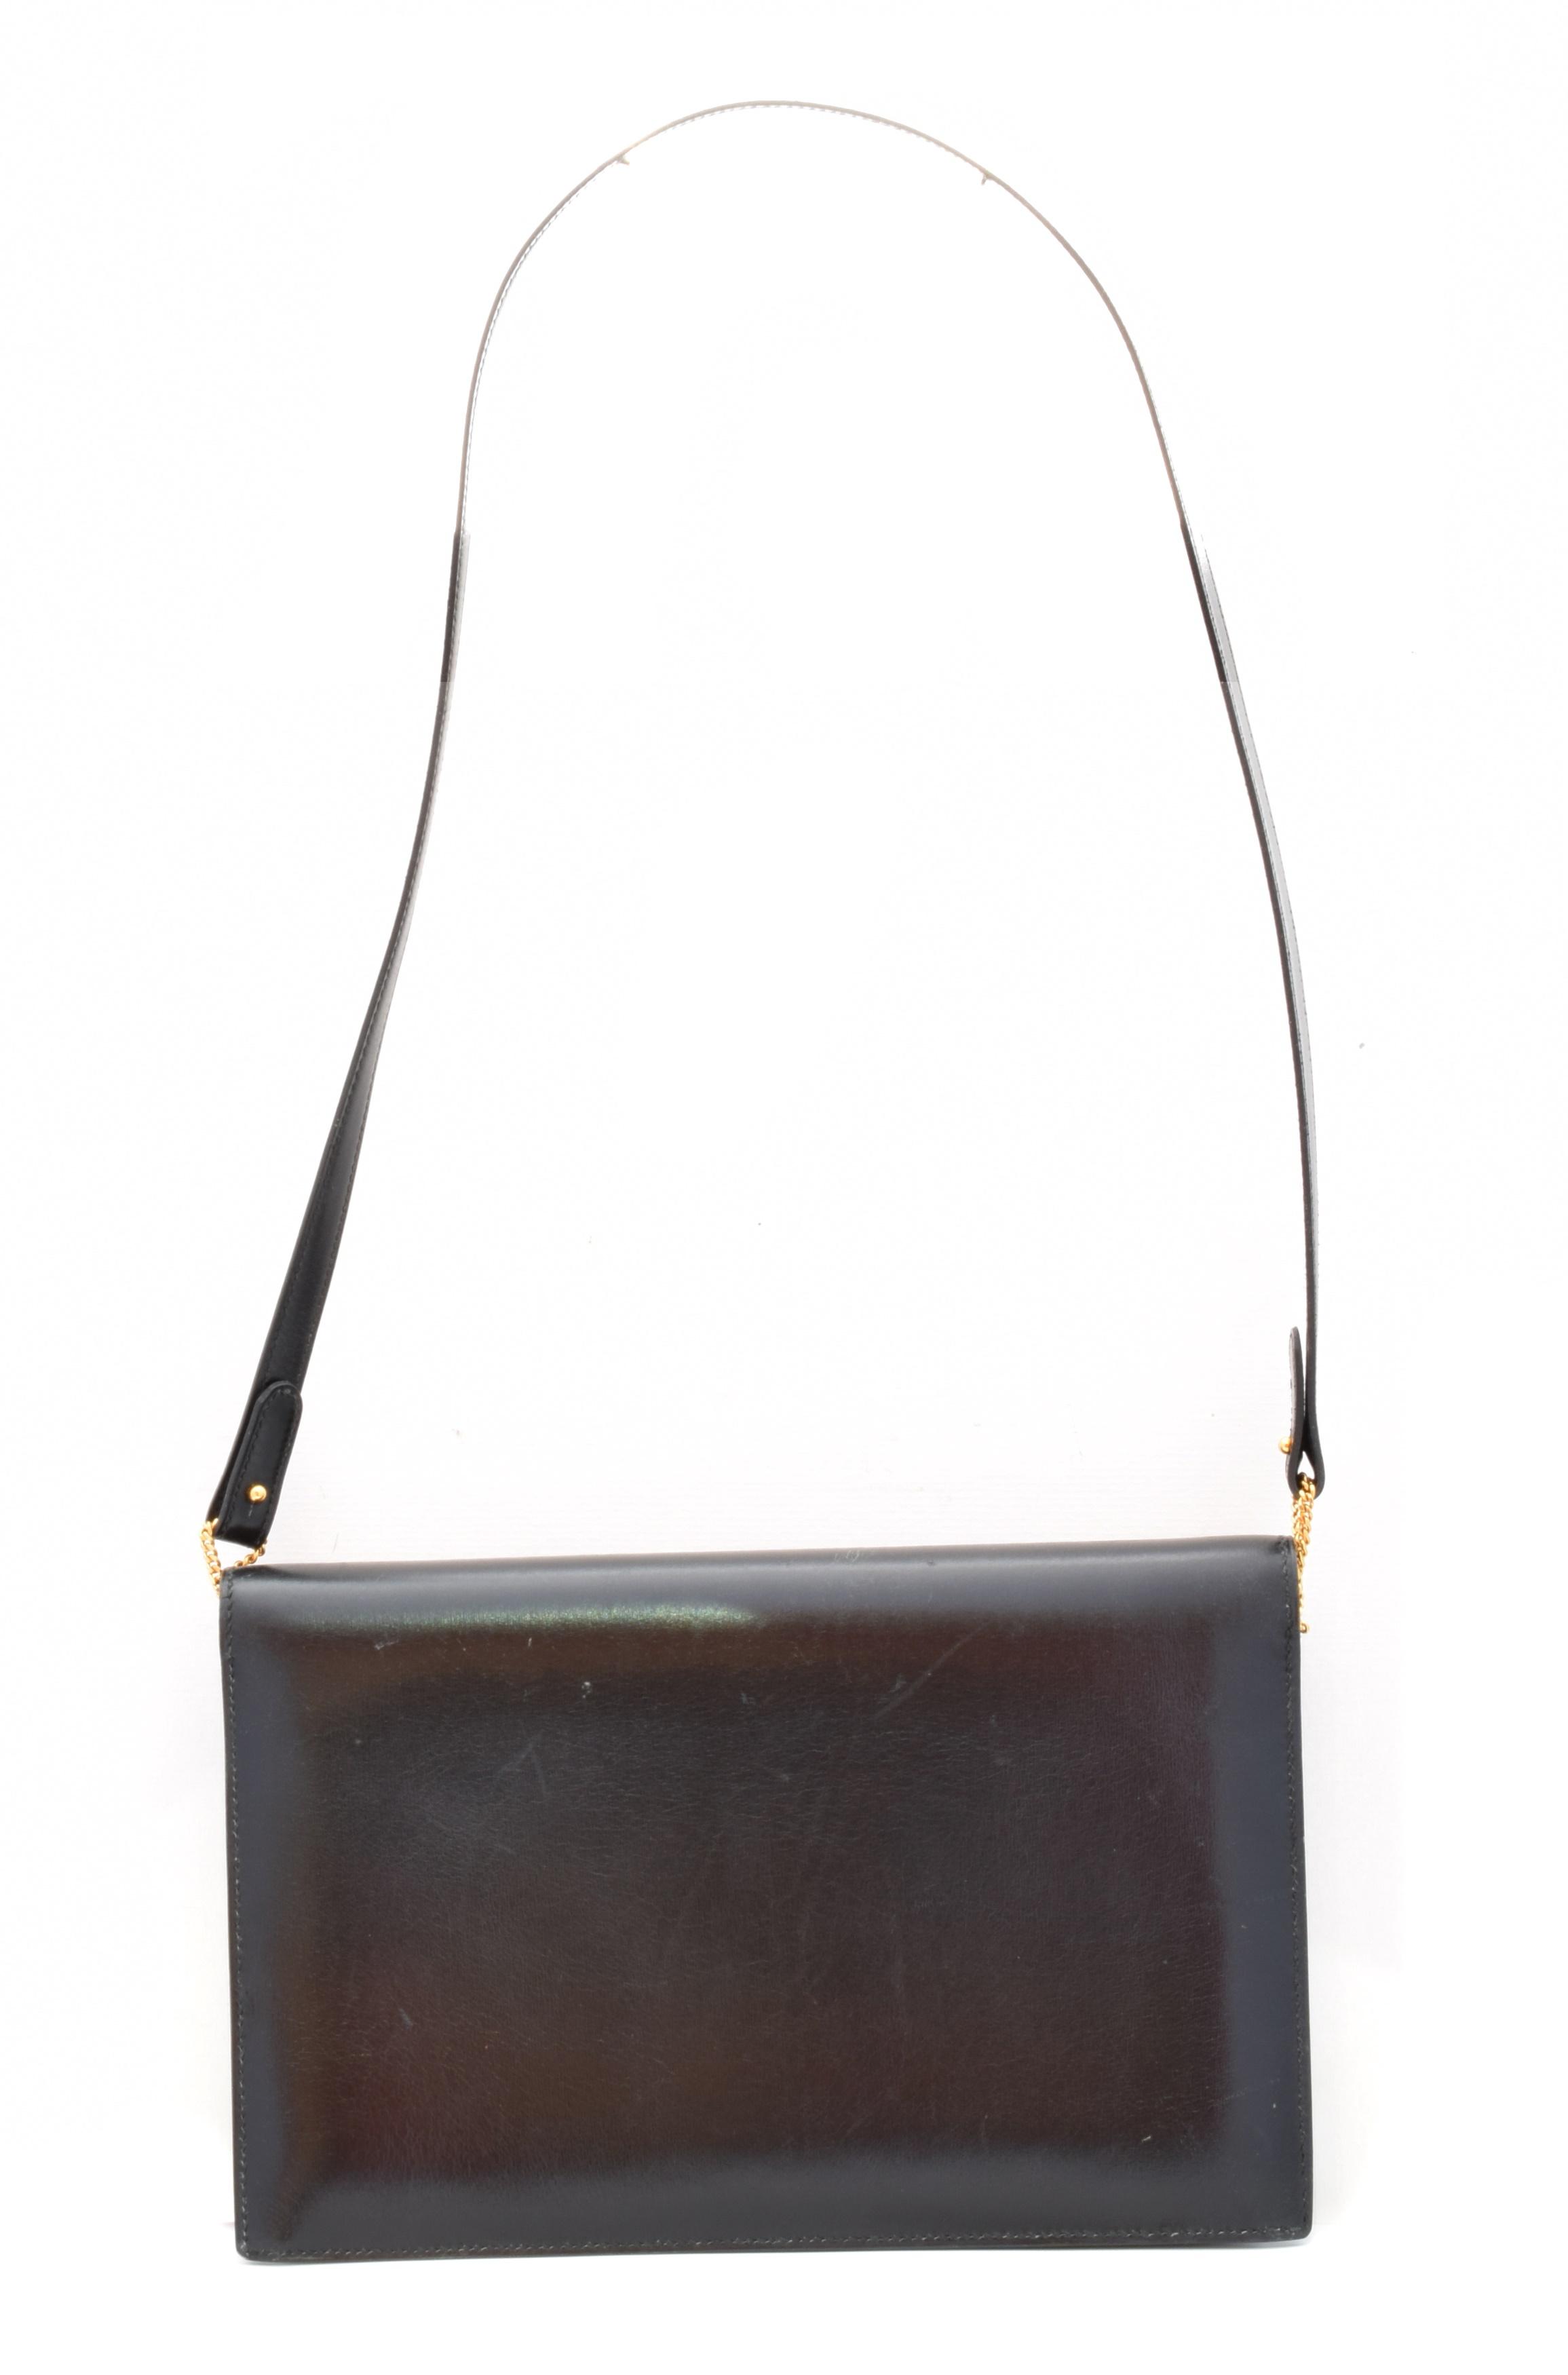 A Hermes Lydie Shoulder Bag, - Image 2 of 2